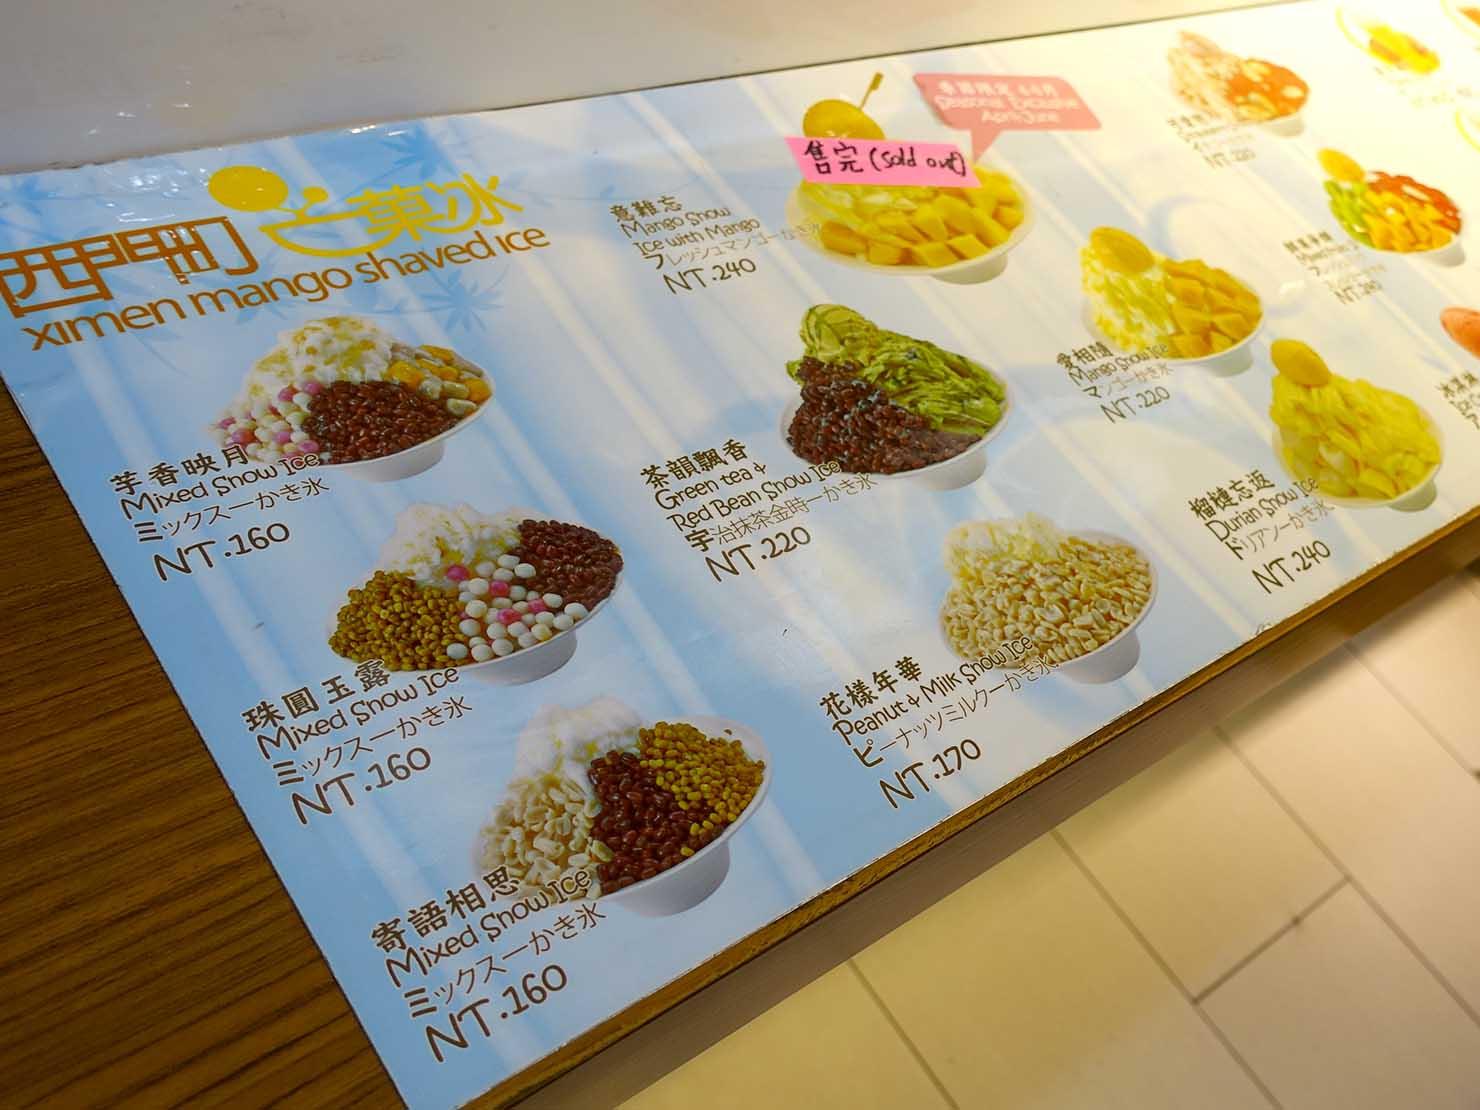 台北・西門町のおすすめひんやりスイーツ店「西門町芒果冰」のメニュー